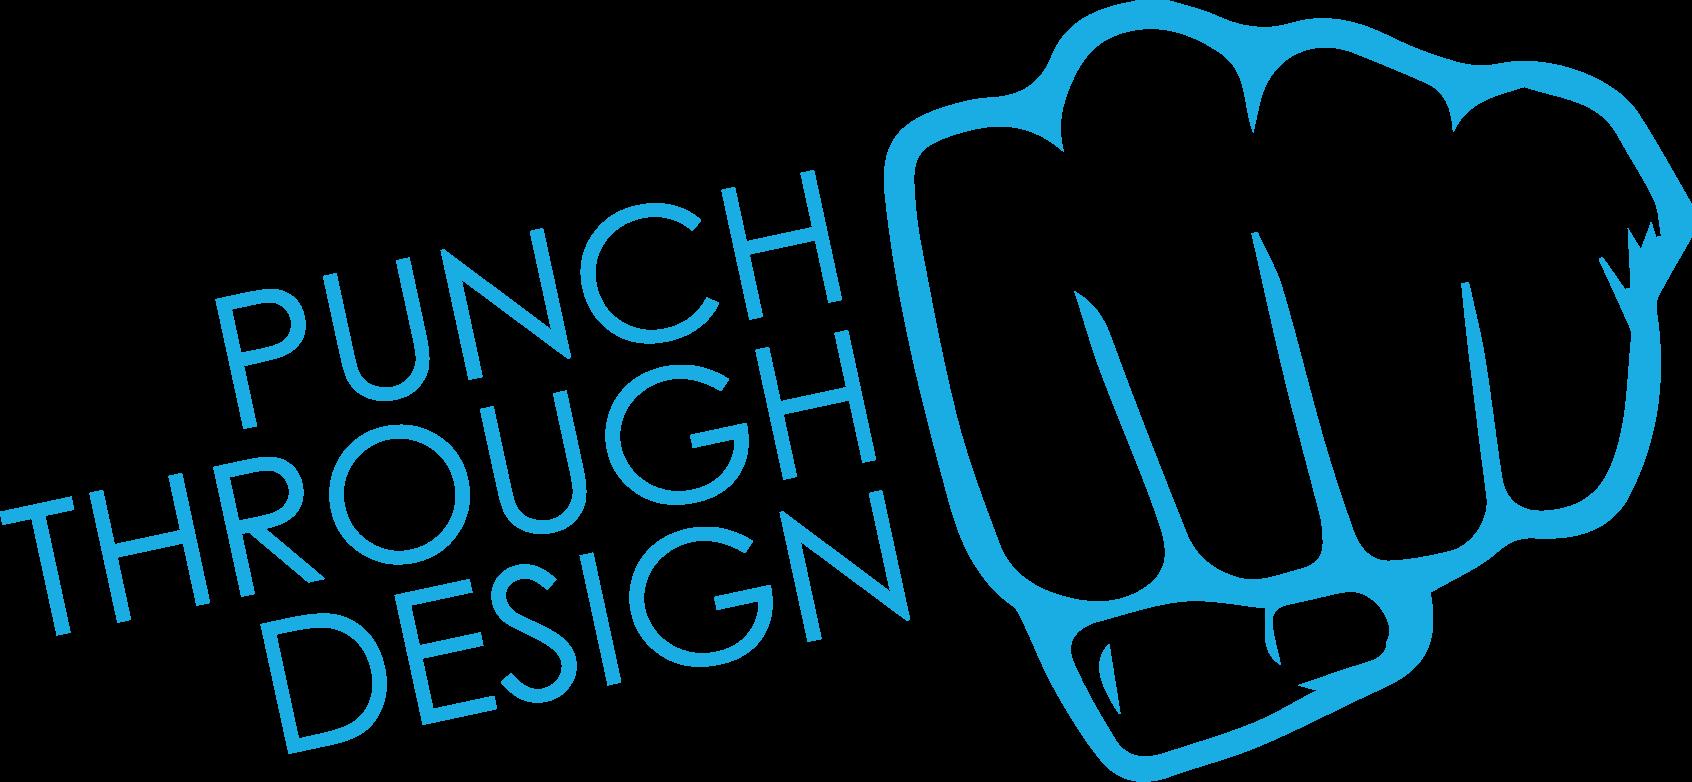 Punch Through Designs